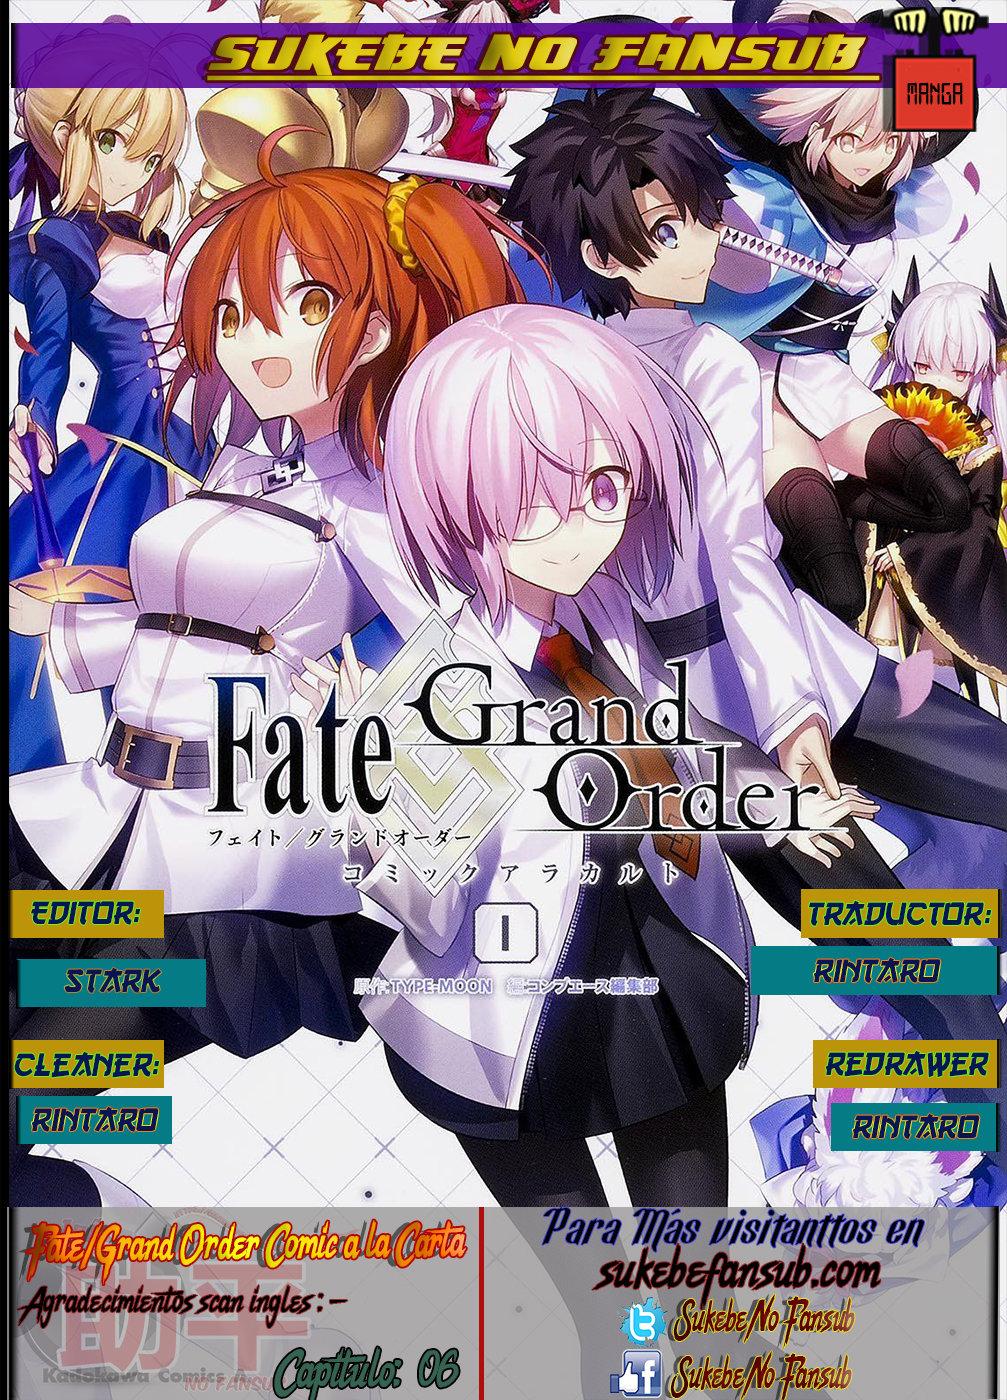 https://c9.mangatag.com/es_manga/pic5/52/19316/727815/e2ae5b50198b6bb094ec05fc843fed43.jpg Page 1